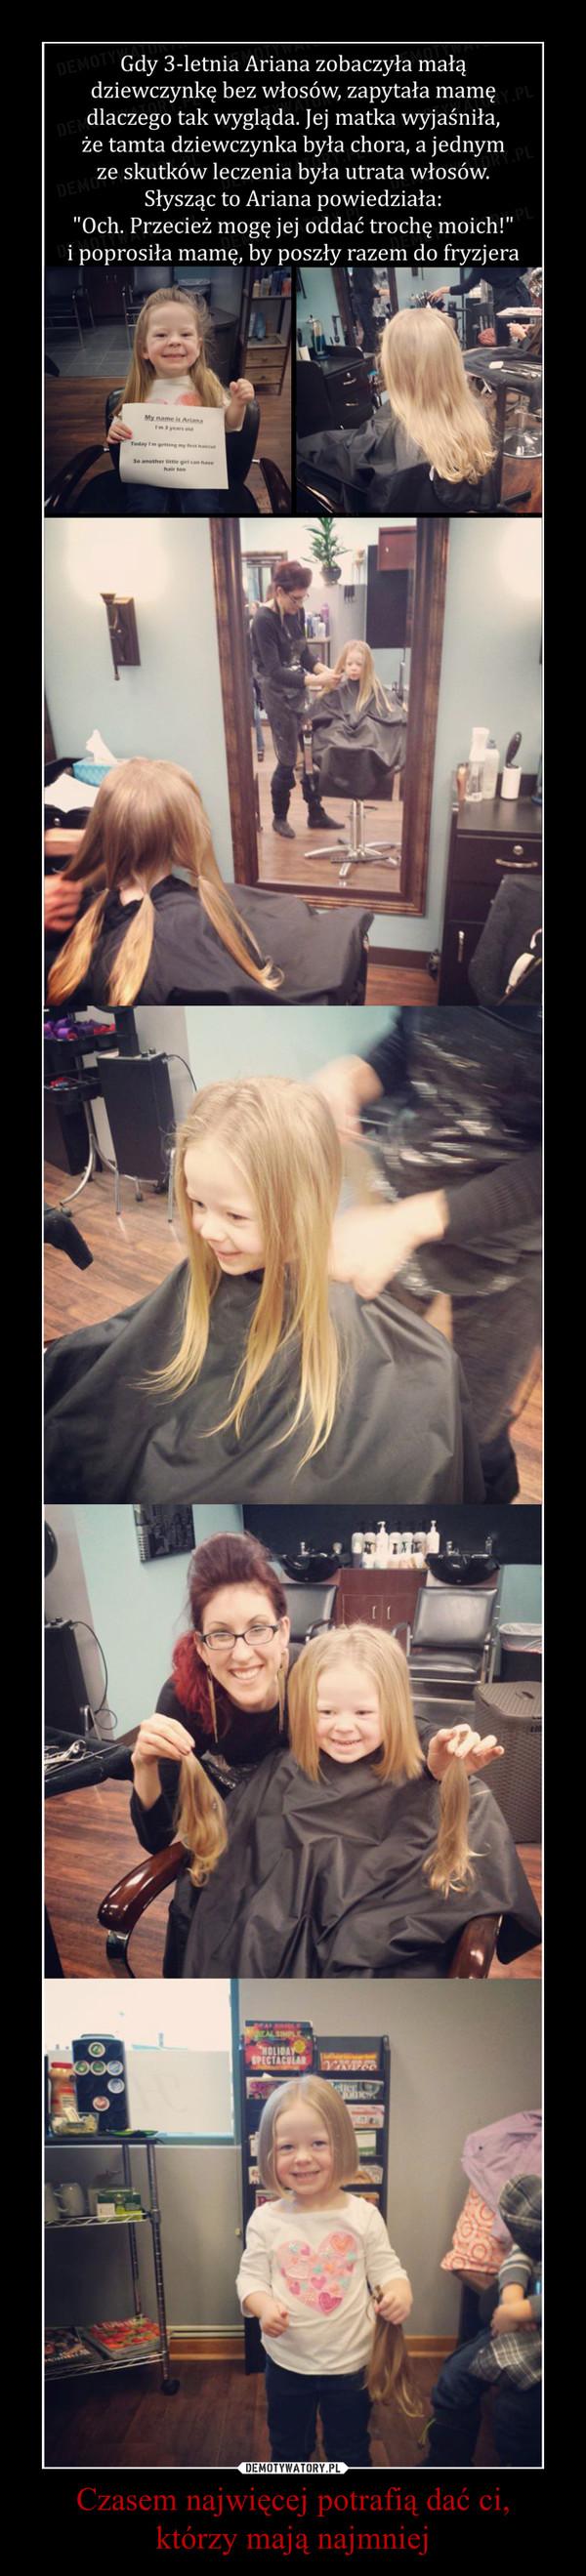 Czasem najwięcej potrafią dać ci,którzy mają najmniej –  3-letnia Ariana ścięła włosy, żeby podarować je chorej dziewczynce